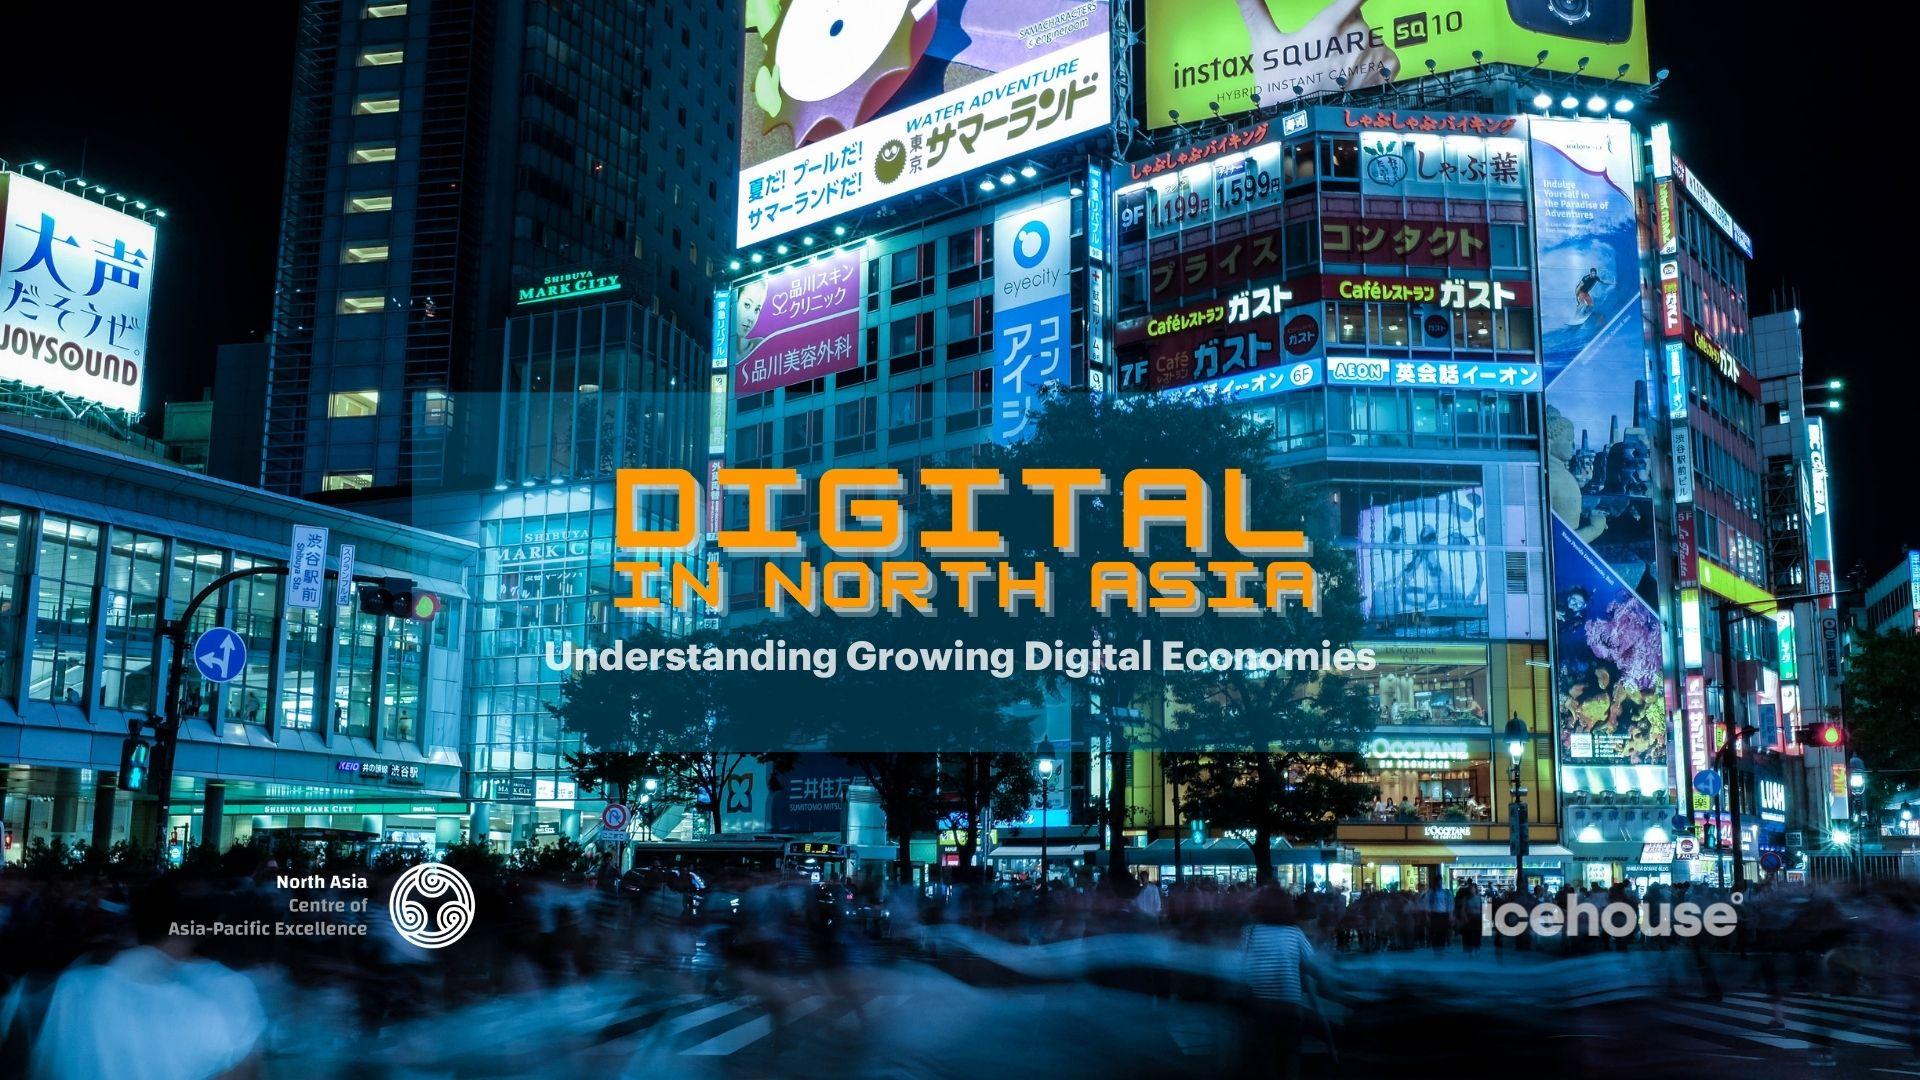 Icehouse workshop: Digital In North Asia - Understanding Growing Digital Economies